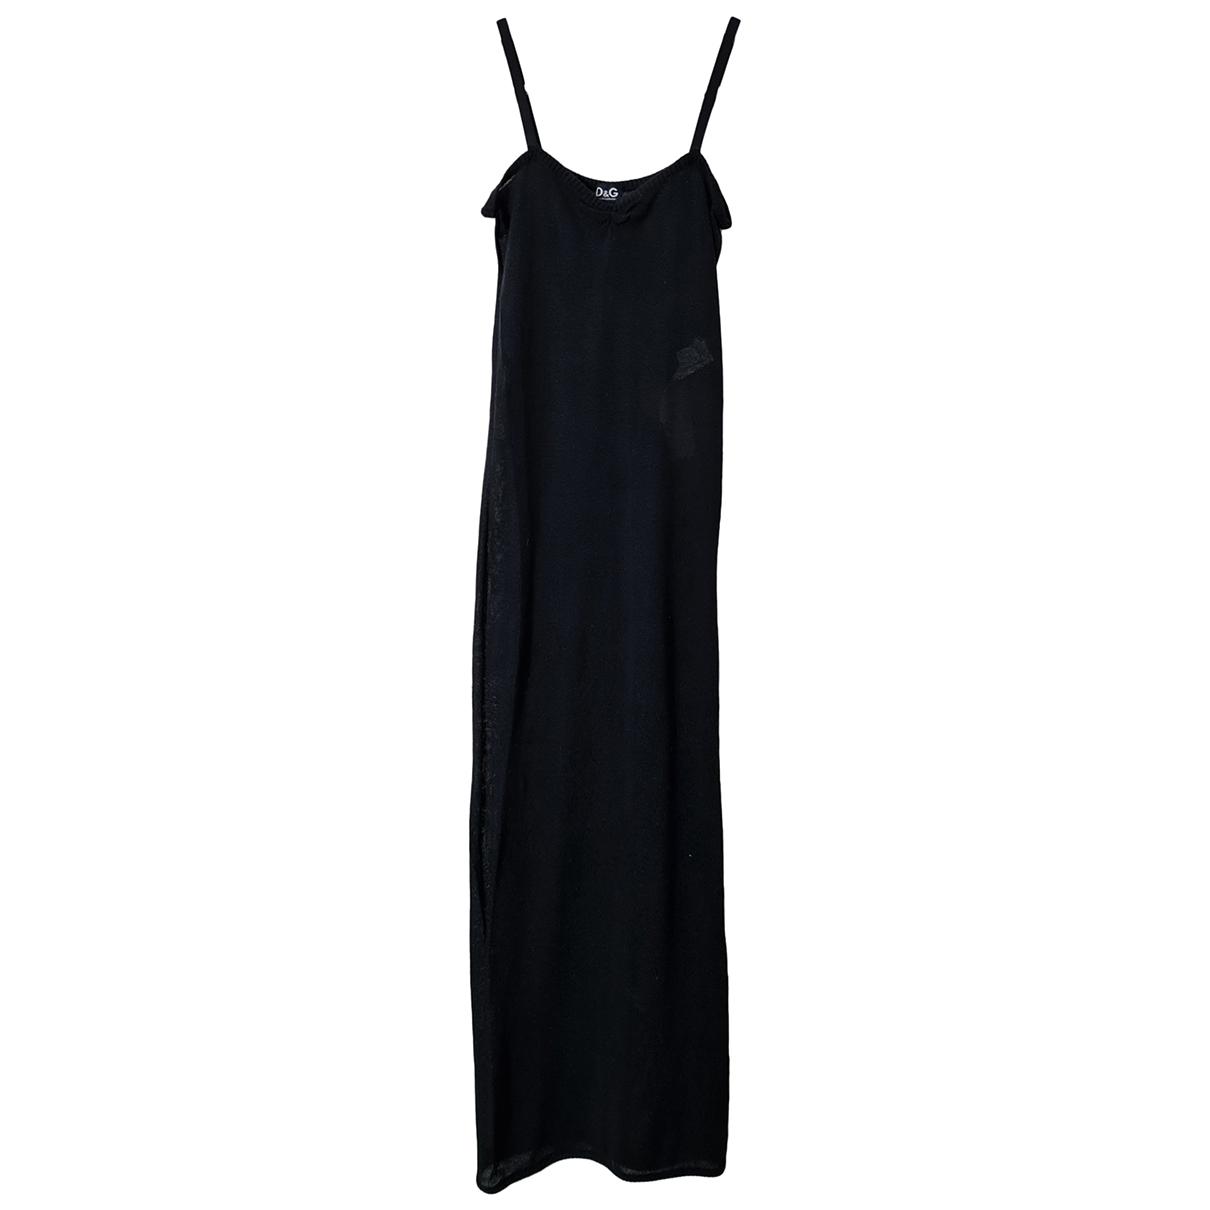 D&g - Robe   pour femme en coton - noir